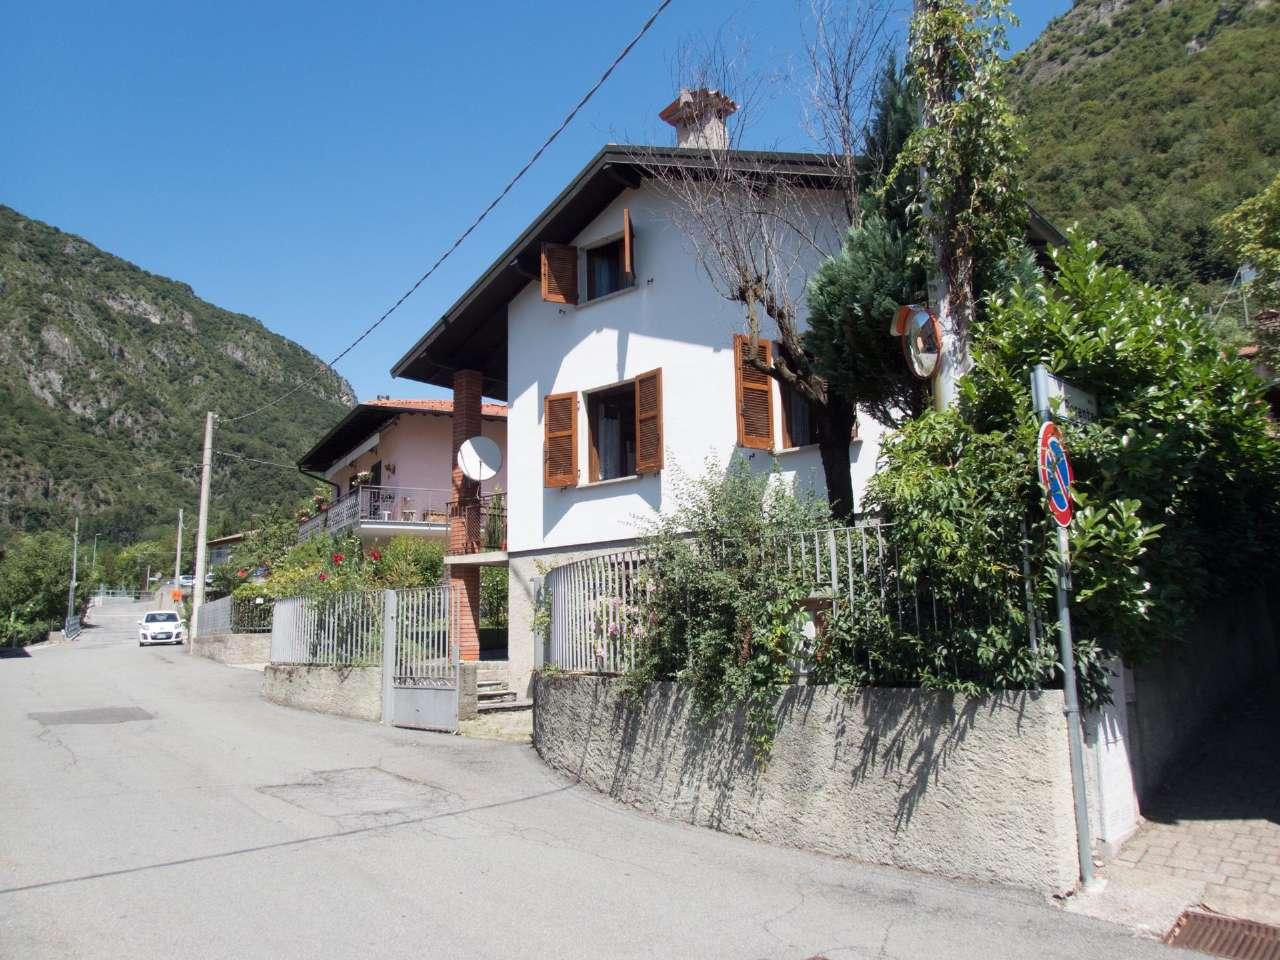 Villa in vendita a Carlazzo, 5 locali, prezzo € 210.000 | PortaleAgenzieImmobiliari.it